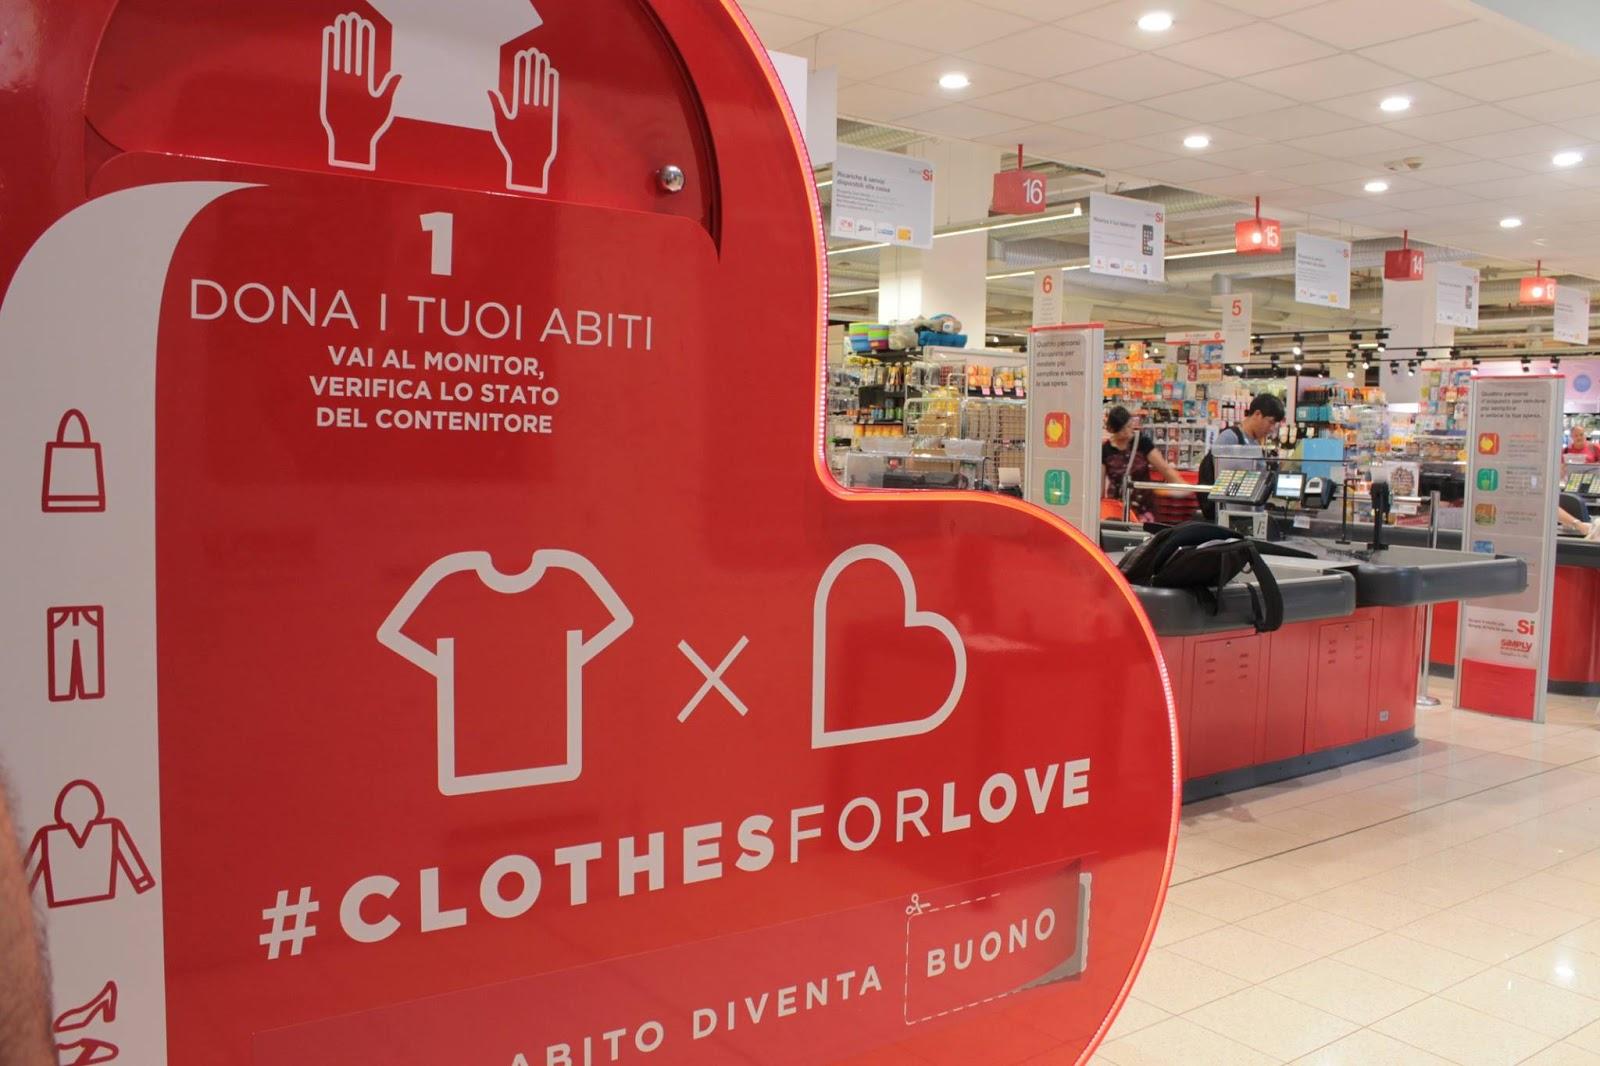 Contenitore abiti usati Humana - Clothes For Love- Fonte facebook 4bbf78019d6